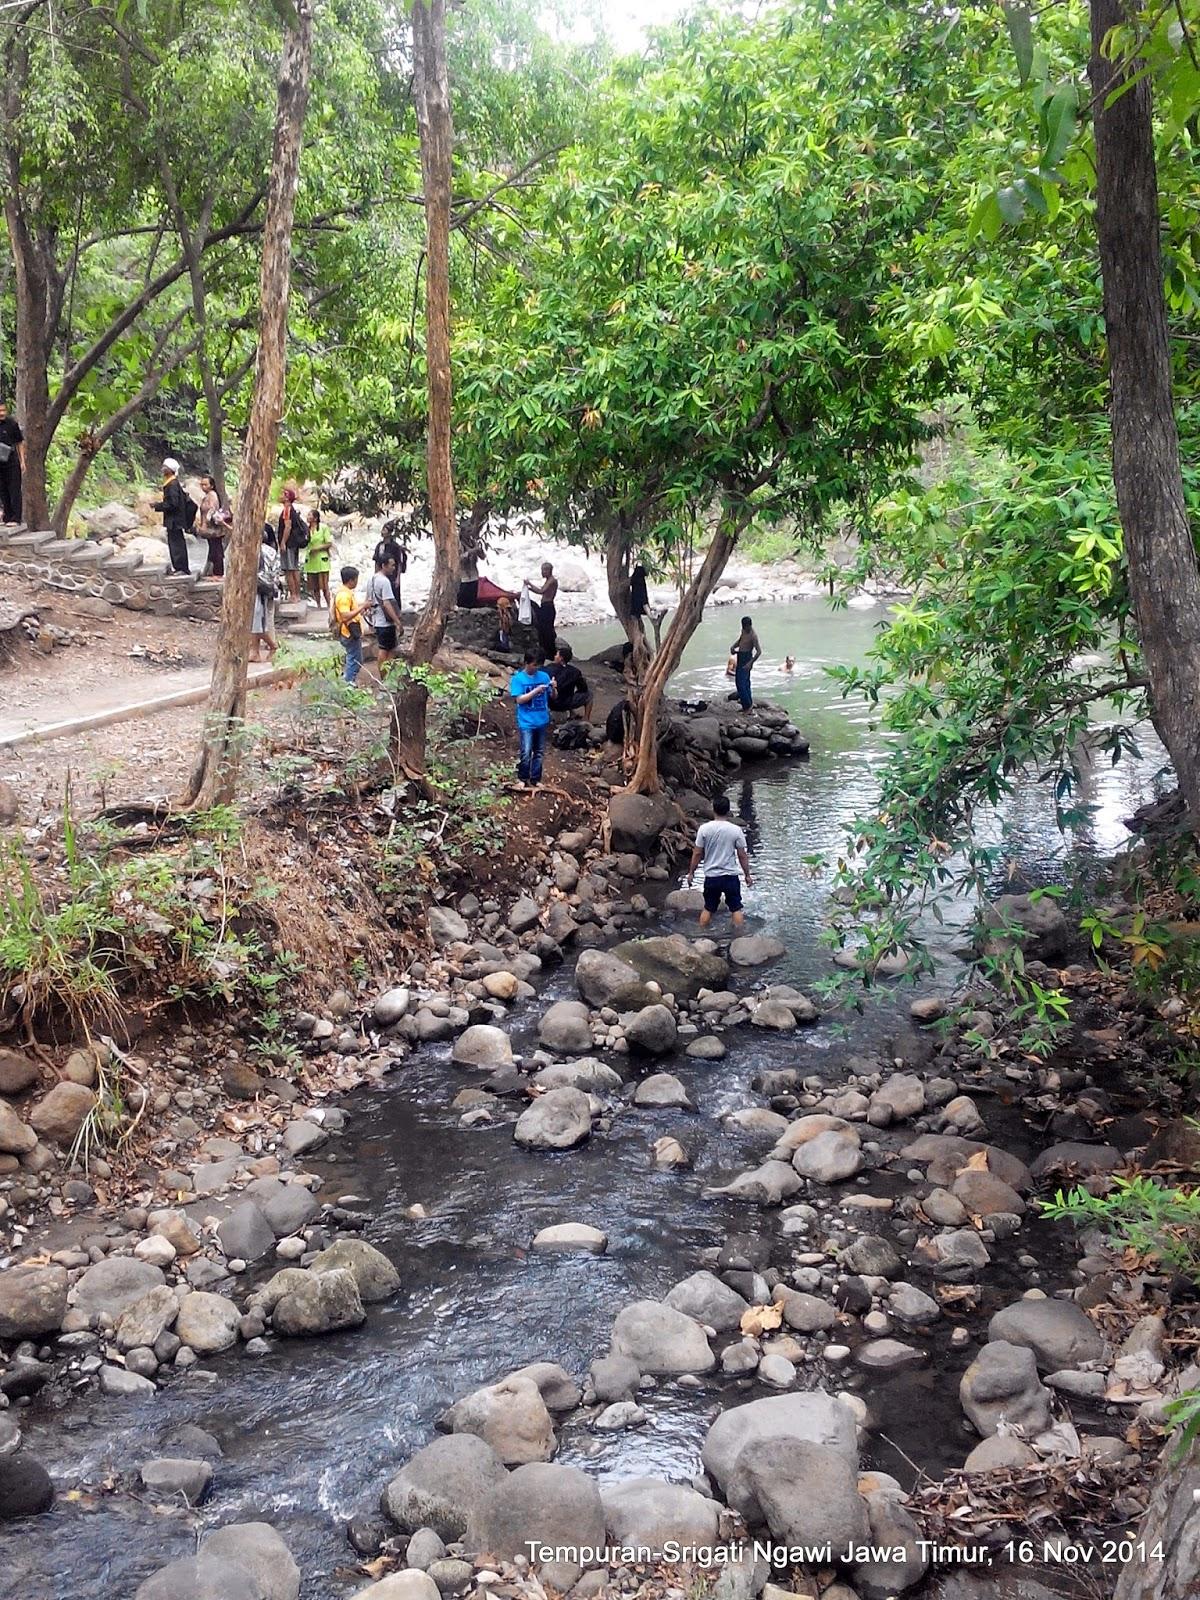 Ndekwur Srigati Tempuran Bertemunya 2 Sungai Gunung Lawu Hutan Ketonggo